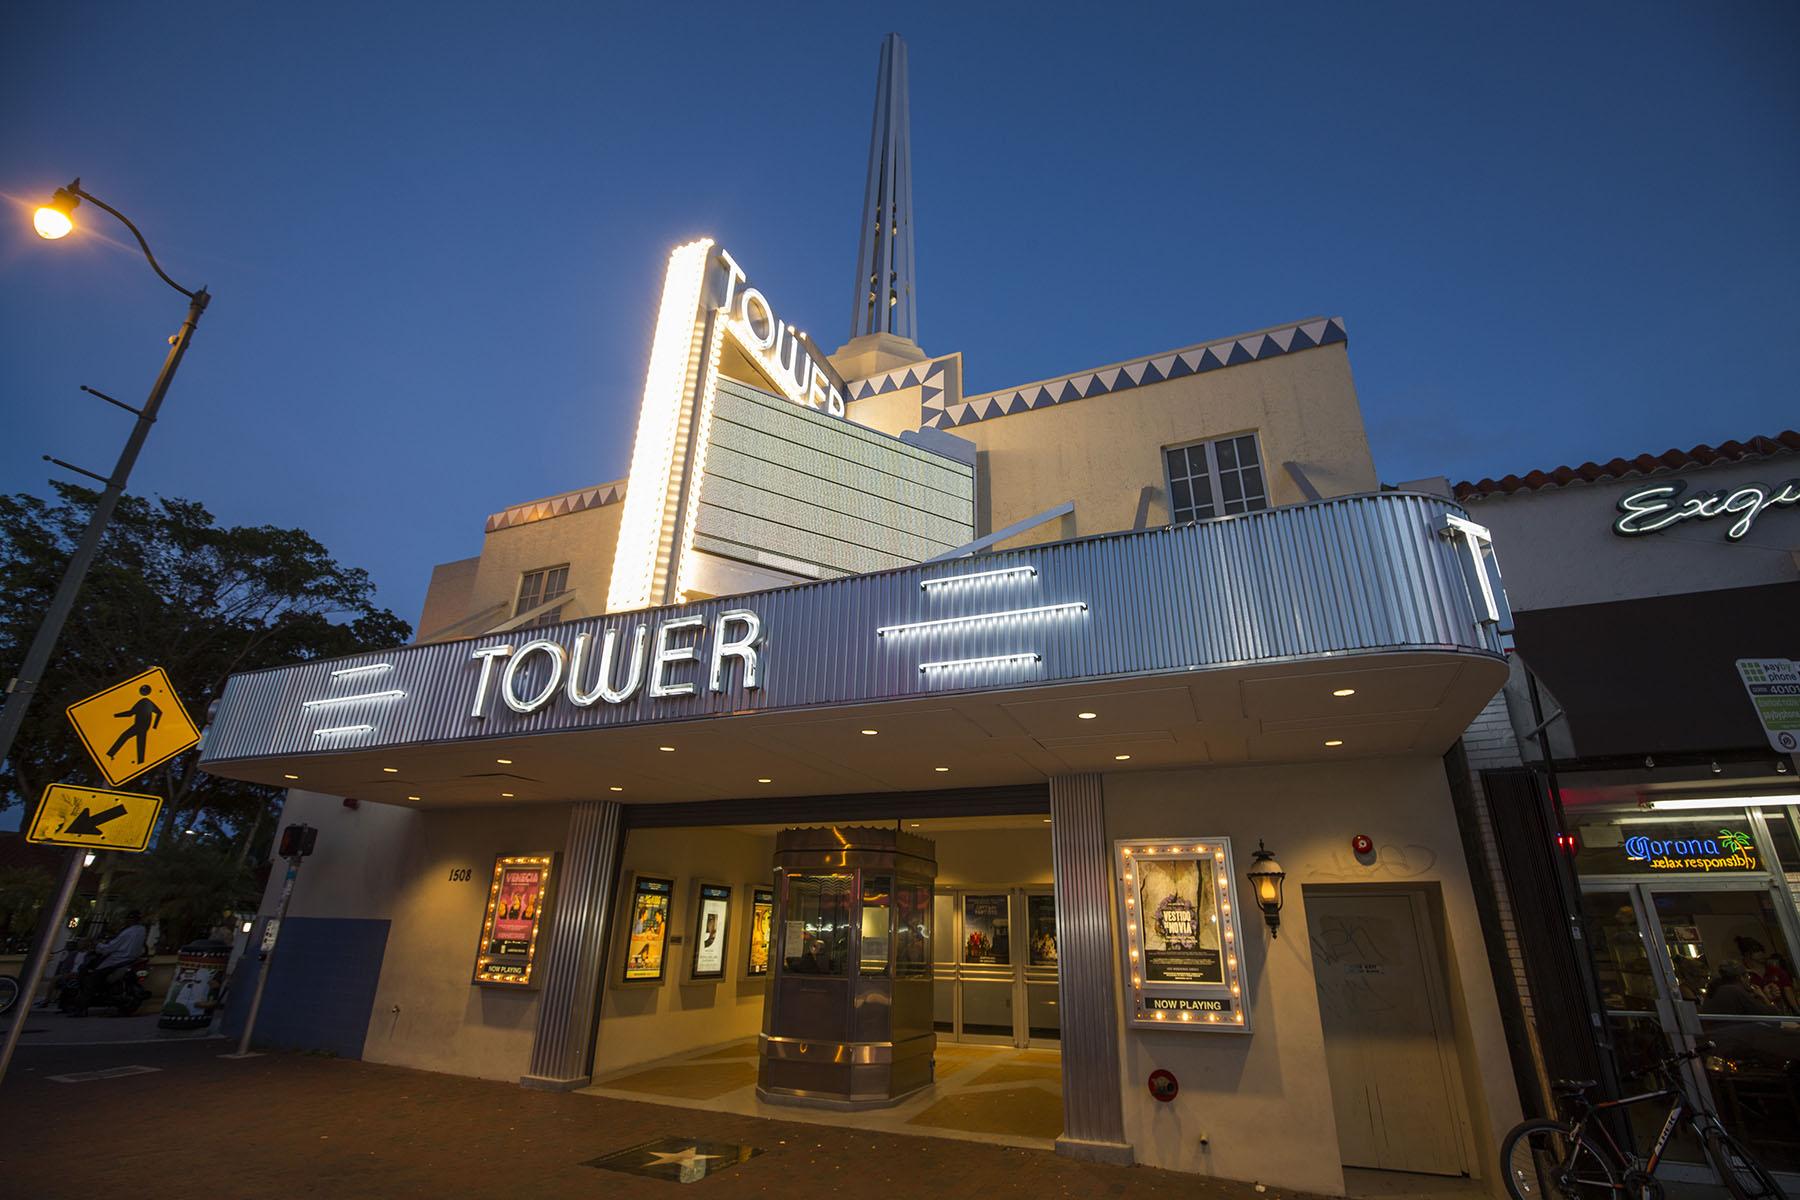 Tres películas argentinas en el Tower Theatre Cine argentino en Miami